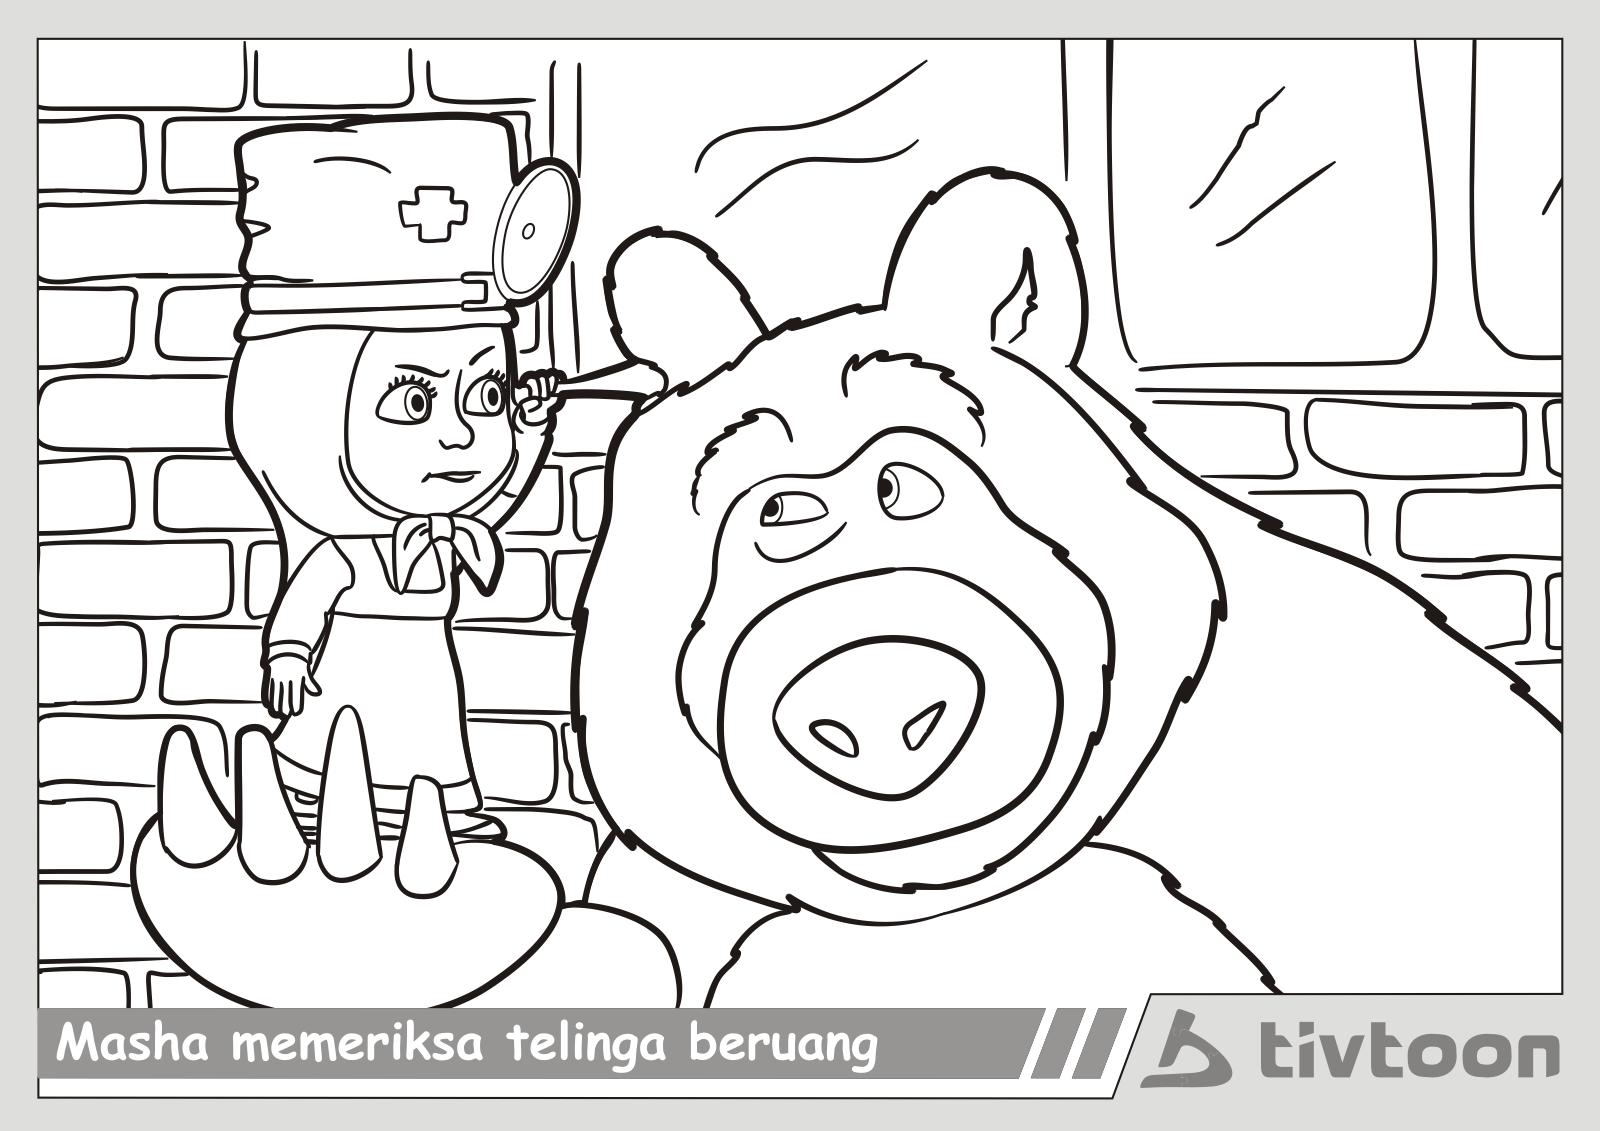 Gambar Sketsa Kartun Masha